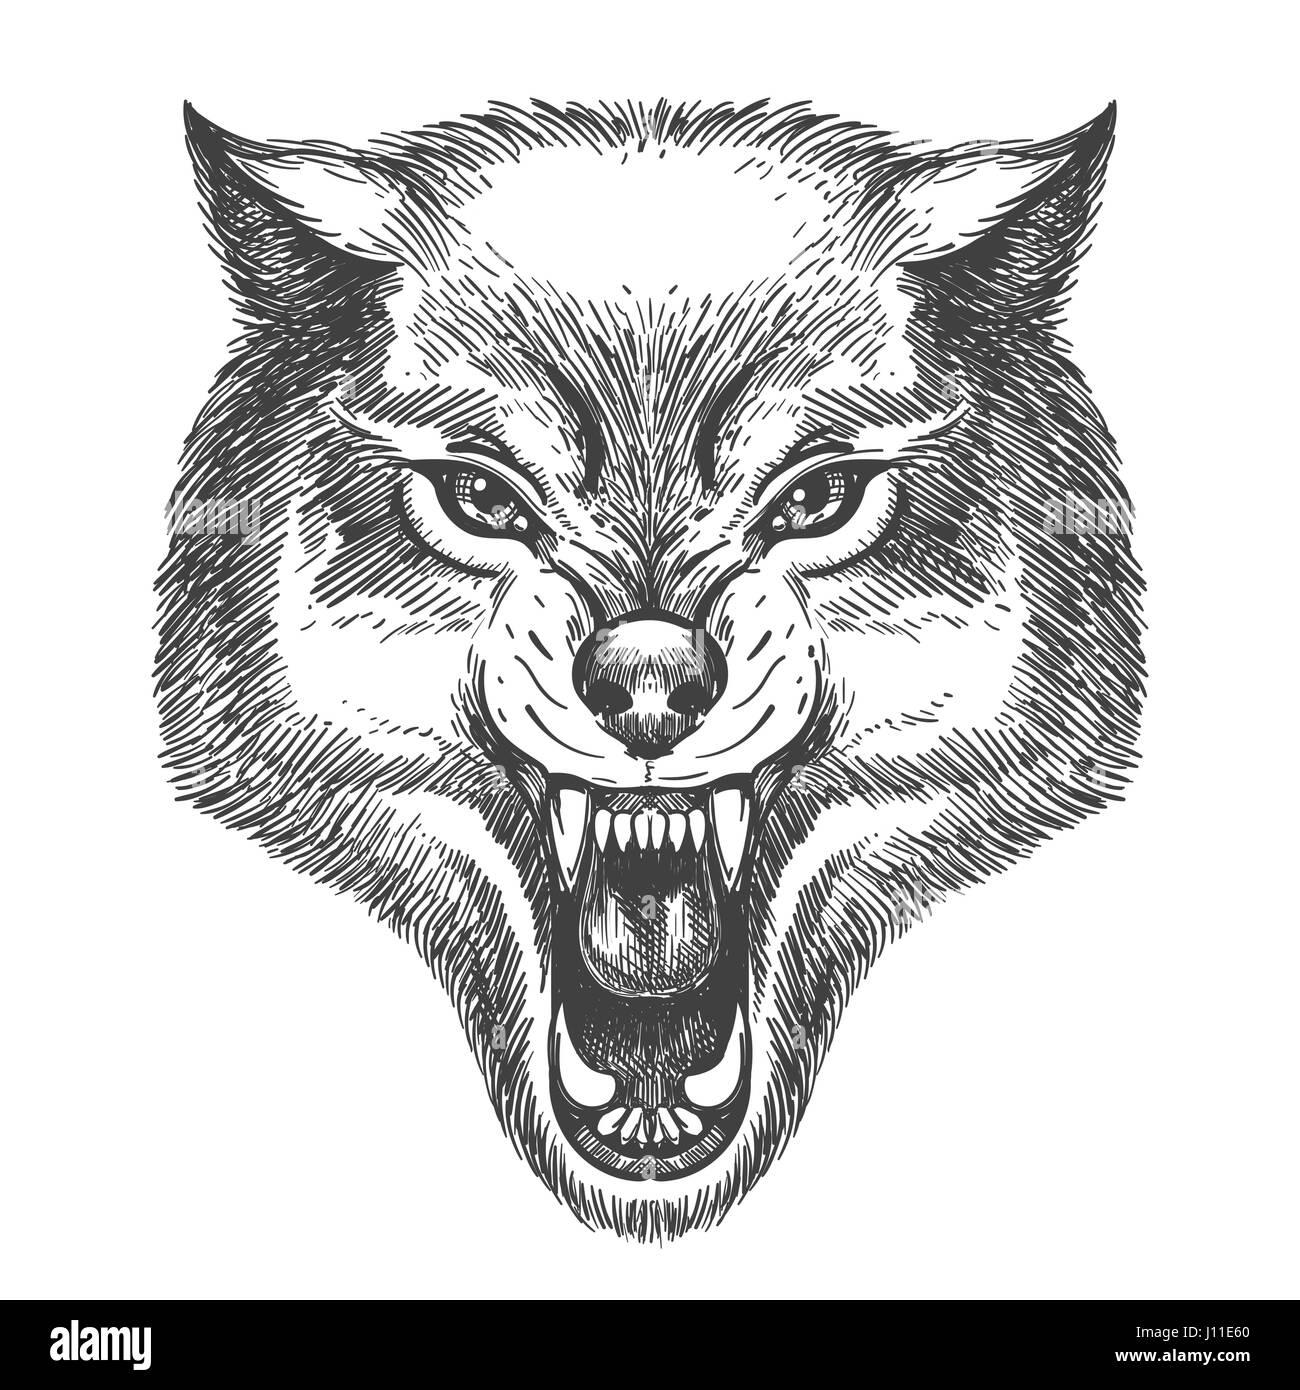 desenhados à mão wolf na cabeça desenho estilo wolf com boca aberta